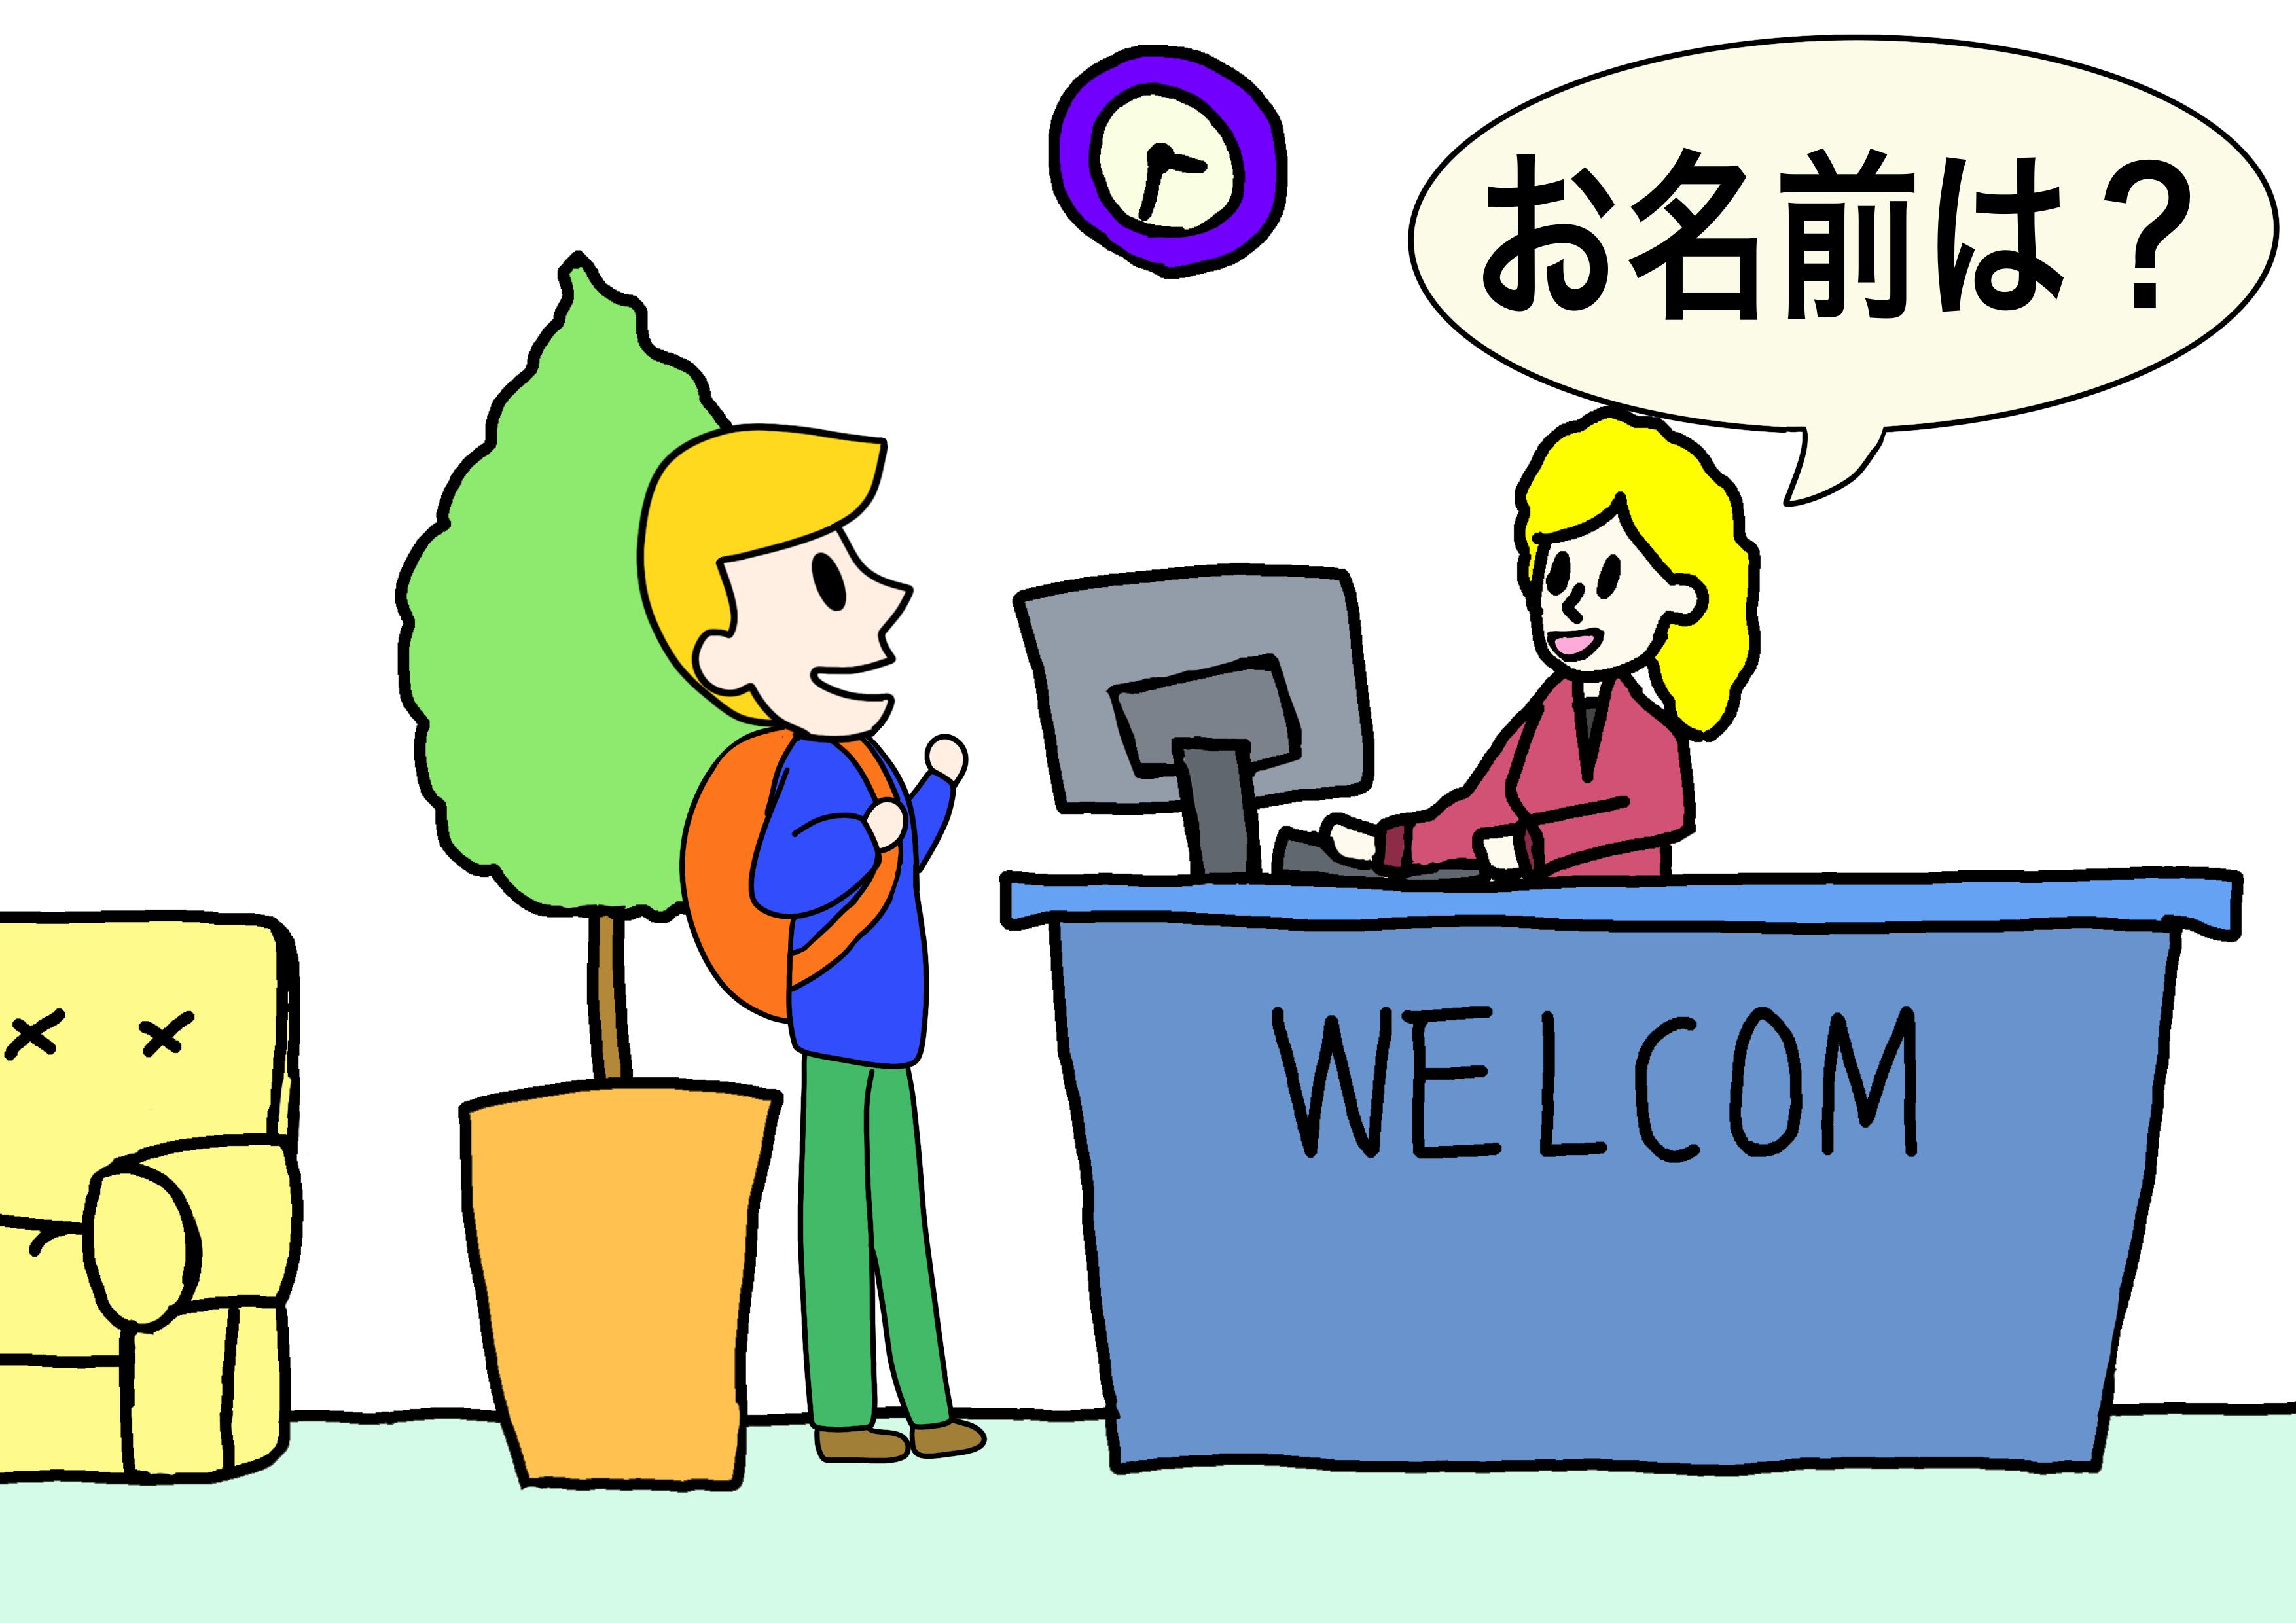 49課イラスト【受付/お名前は?/おっしゃいますか】